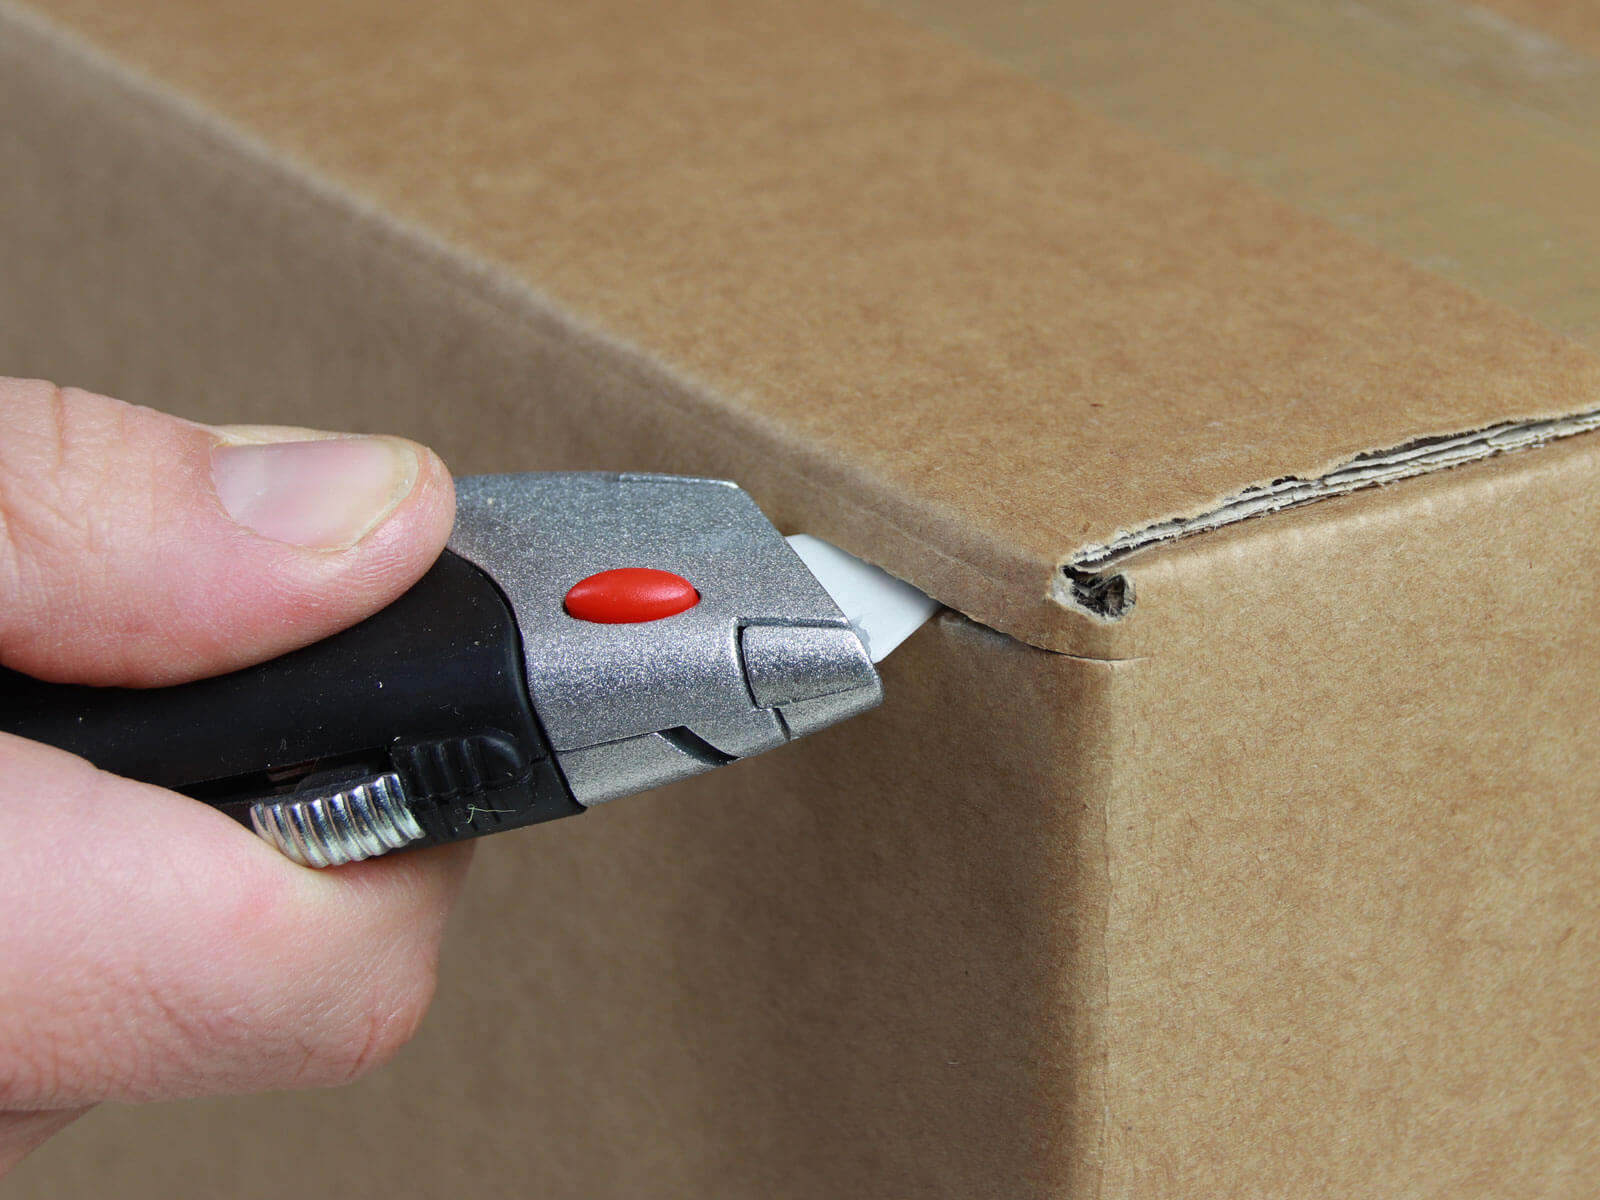 U012K Keramik Sicherheitsmesser manueller Klingenrückzug Karton schneiden abdeckeln CURT-tools